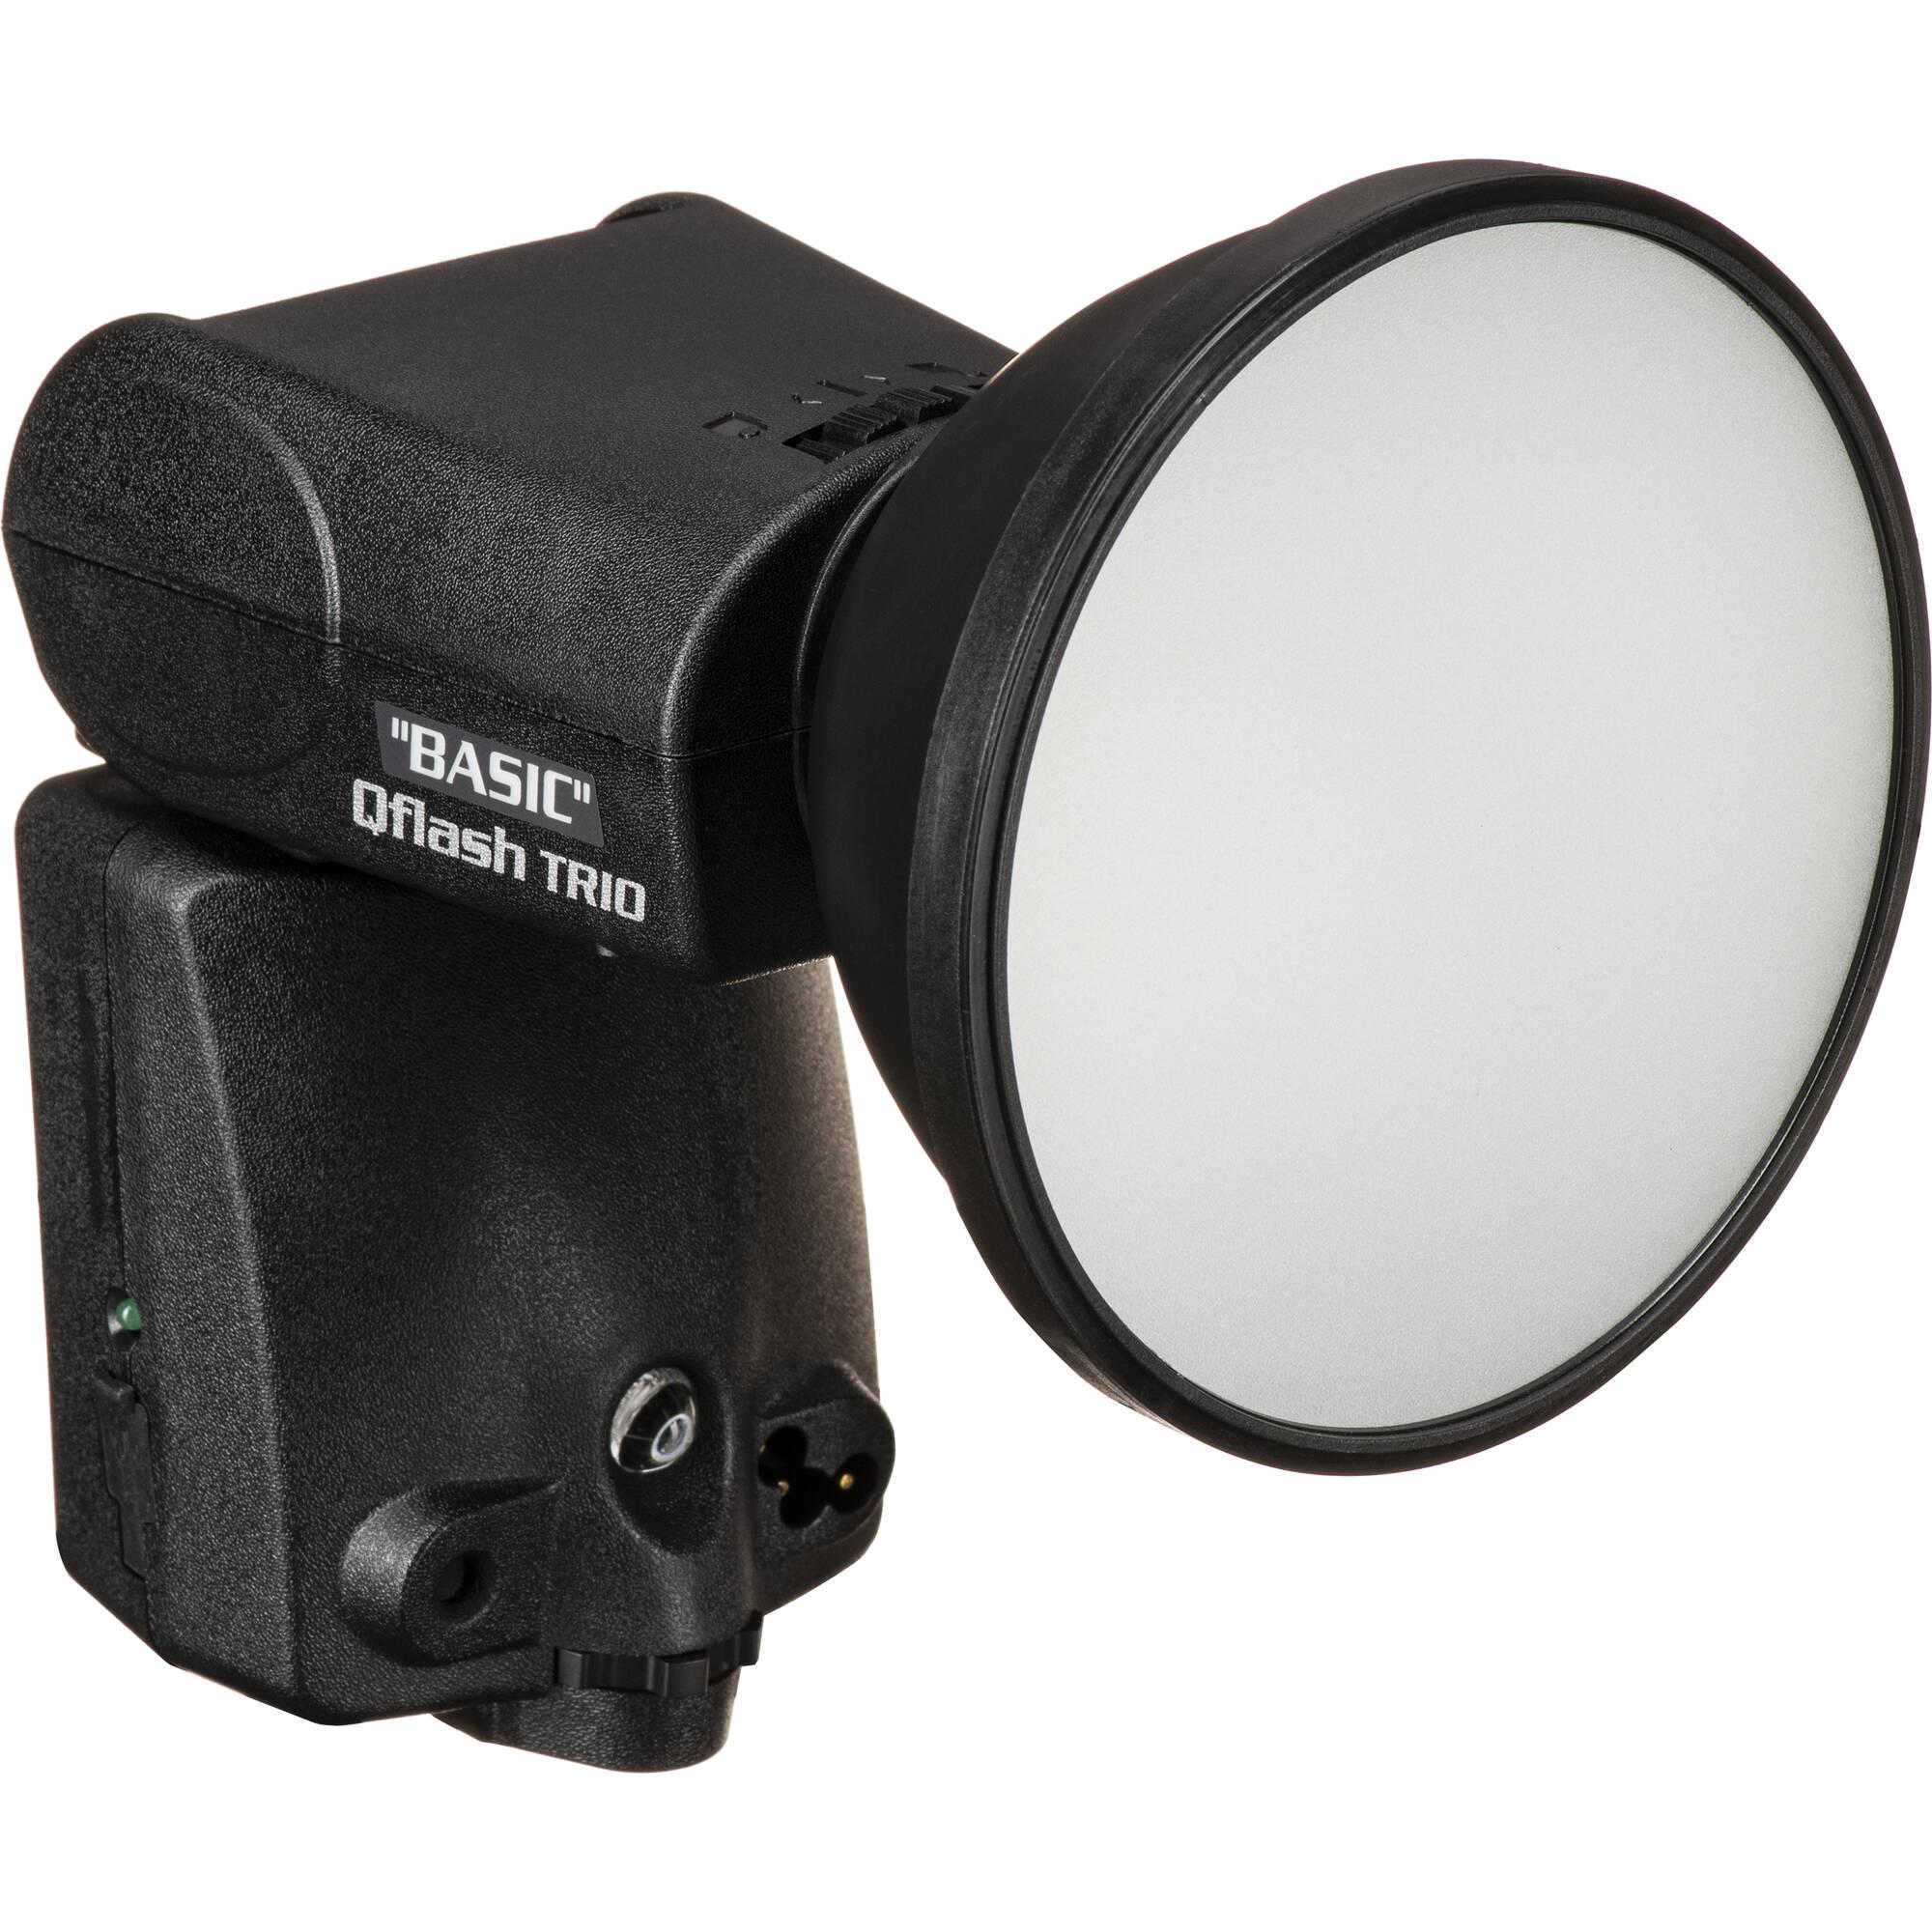 Quantum Studio Lighting: Quantum Qflash TRIO Basic Flash For Nikon Cameras 860330 B&H